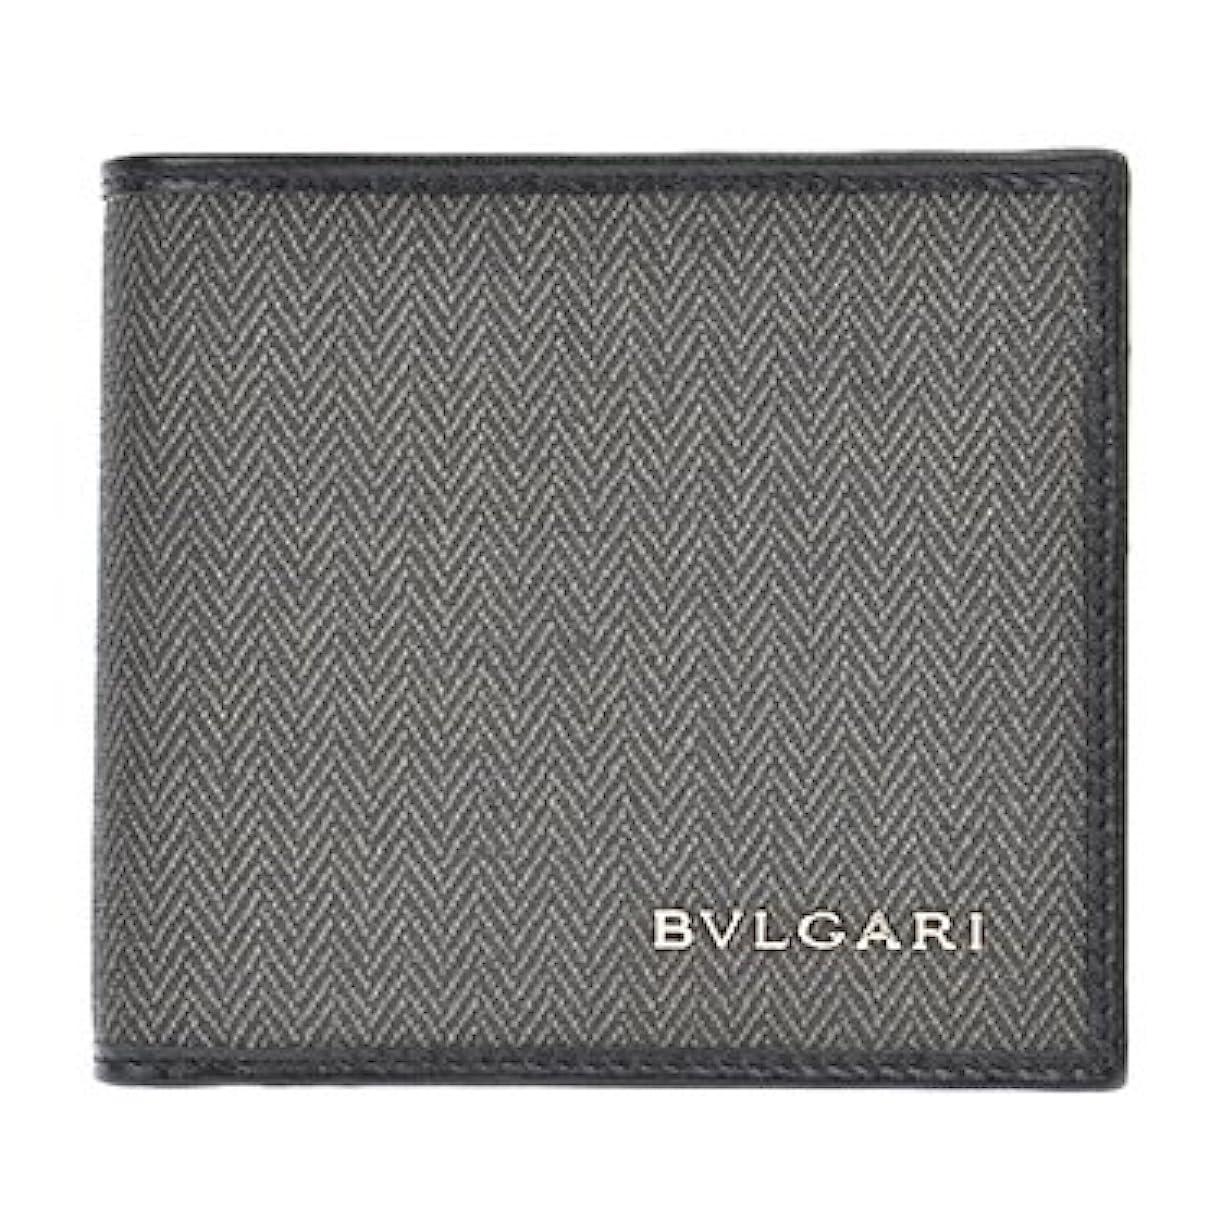 組立どれか曲げる【BVLGARI/ブルガリ】並行輸入品 32581 CANVAS/BLK 二つ折り財布 二つ折り財布 メンズ